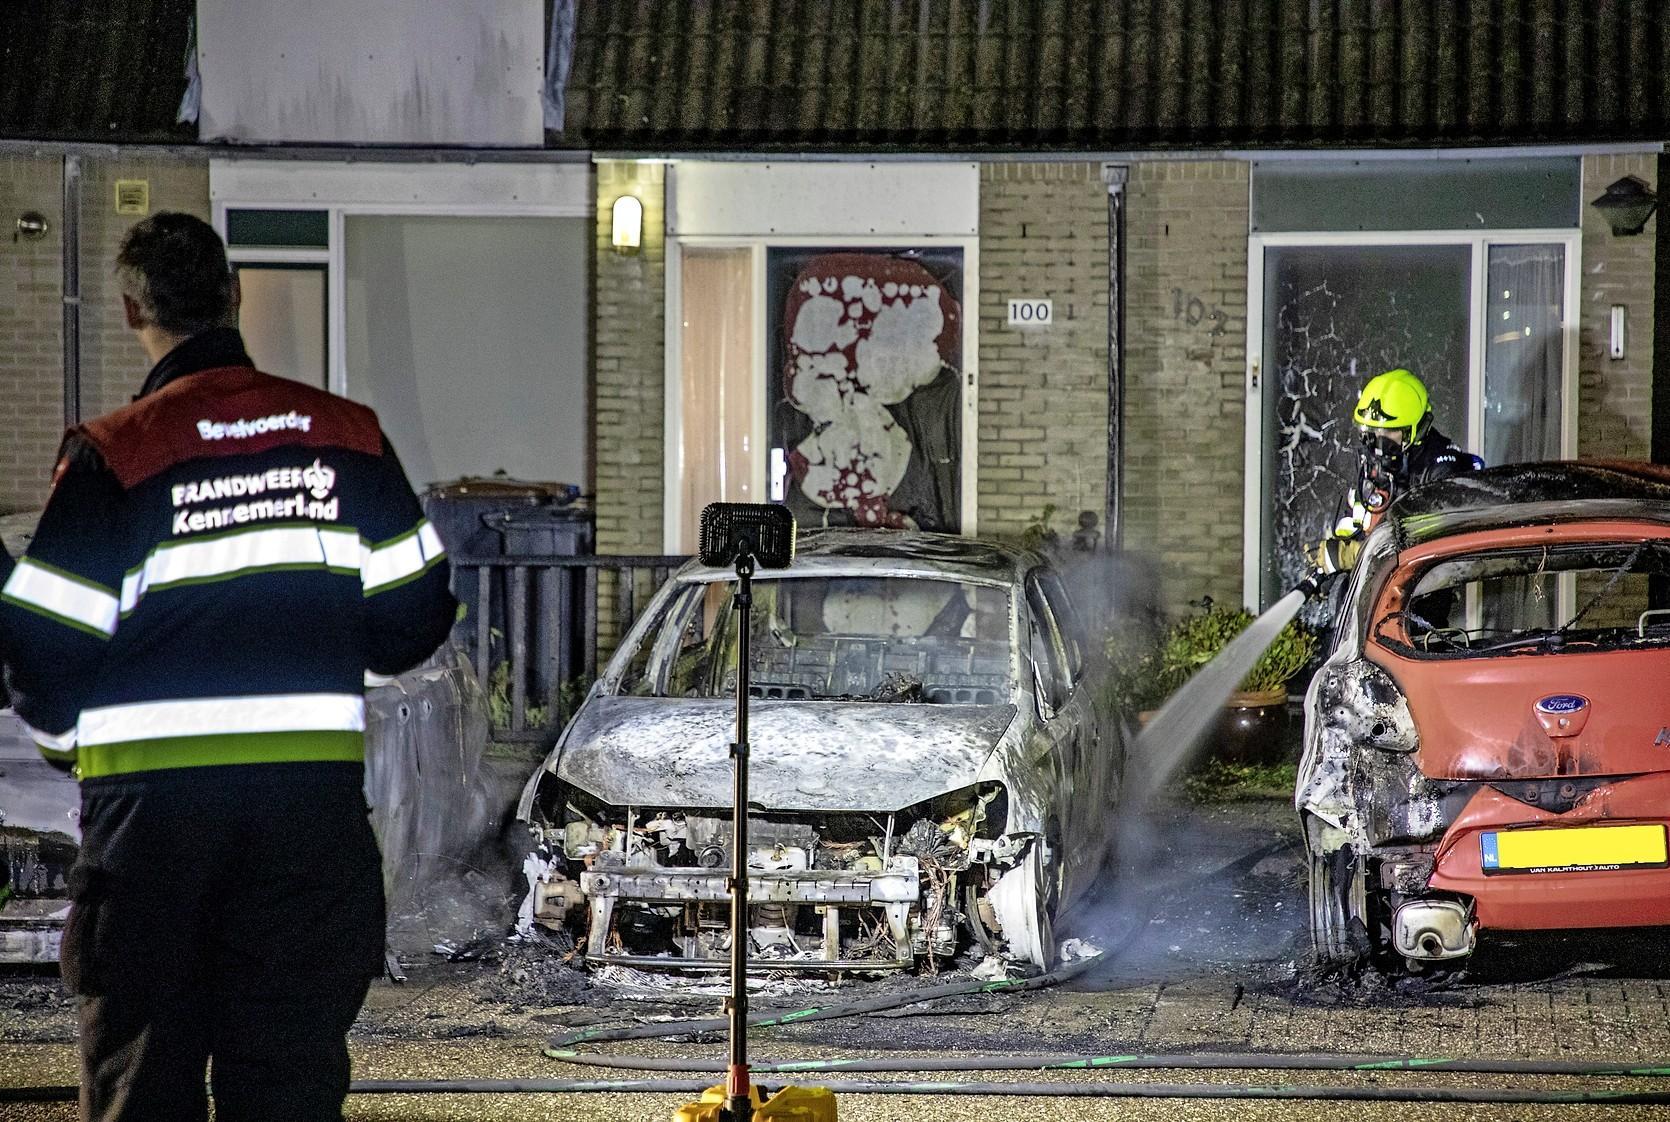 Hoofddorpse brandstichter: 'Ik wil een nieuw leven buiten de gevangenis opbouwen'